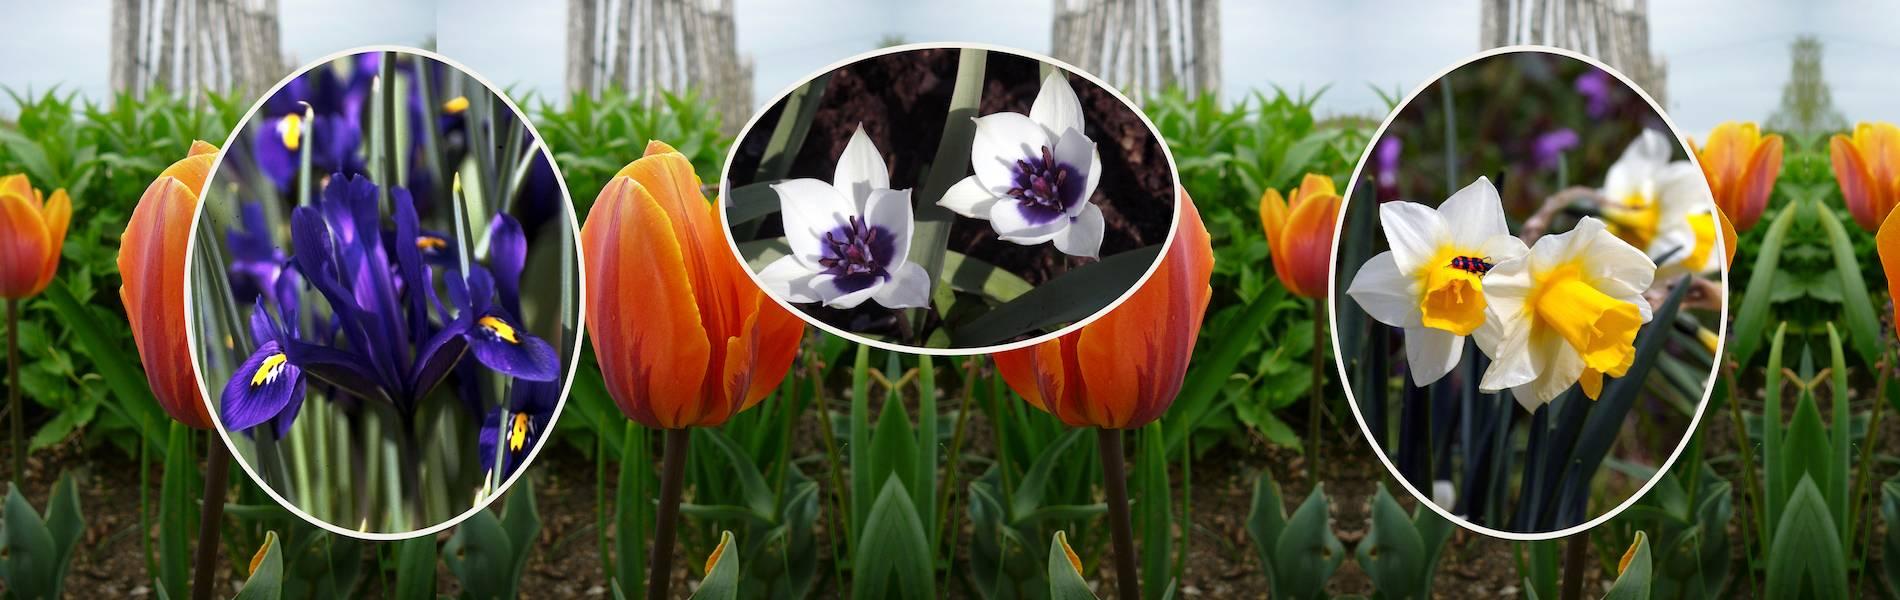 Blumenzwiebeln1_Version2